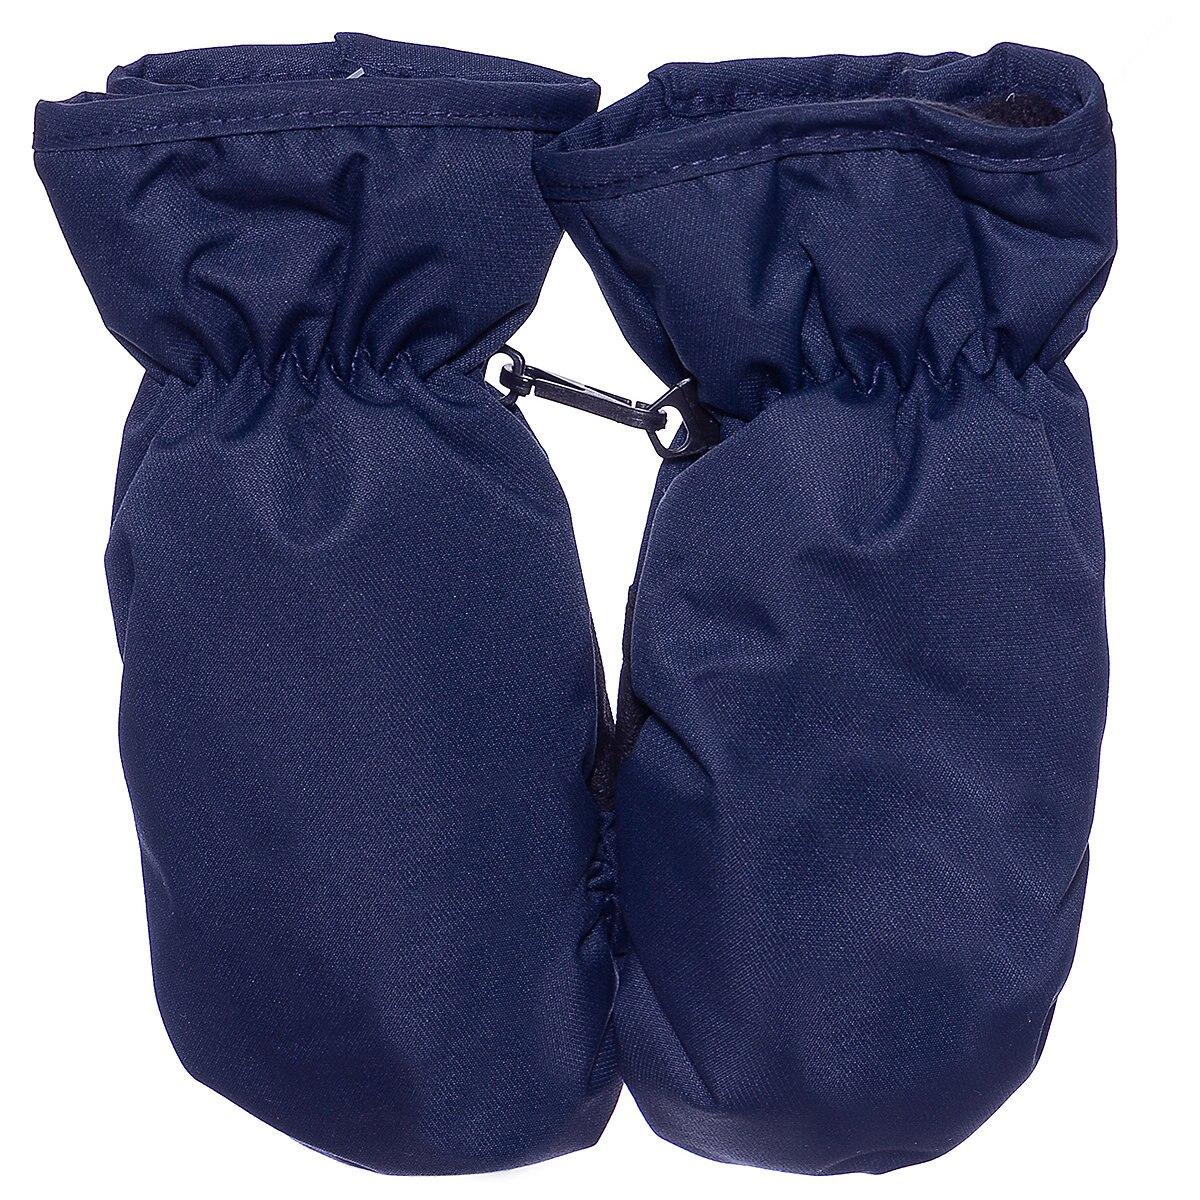 Ticket To Heaven Gloves & Mittens 8882606 Glove Mitten Winter Clothes For Children Girls Boys Girl Boy